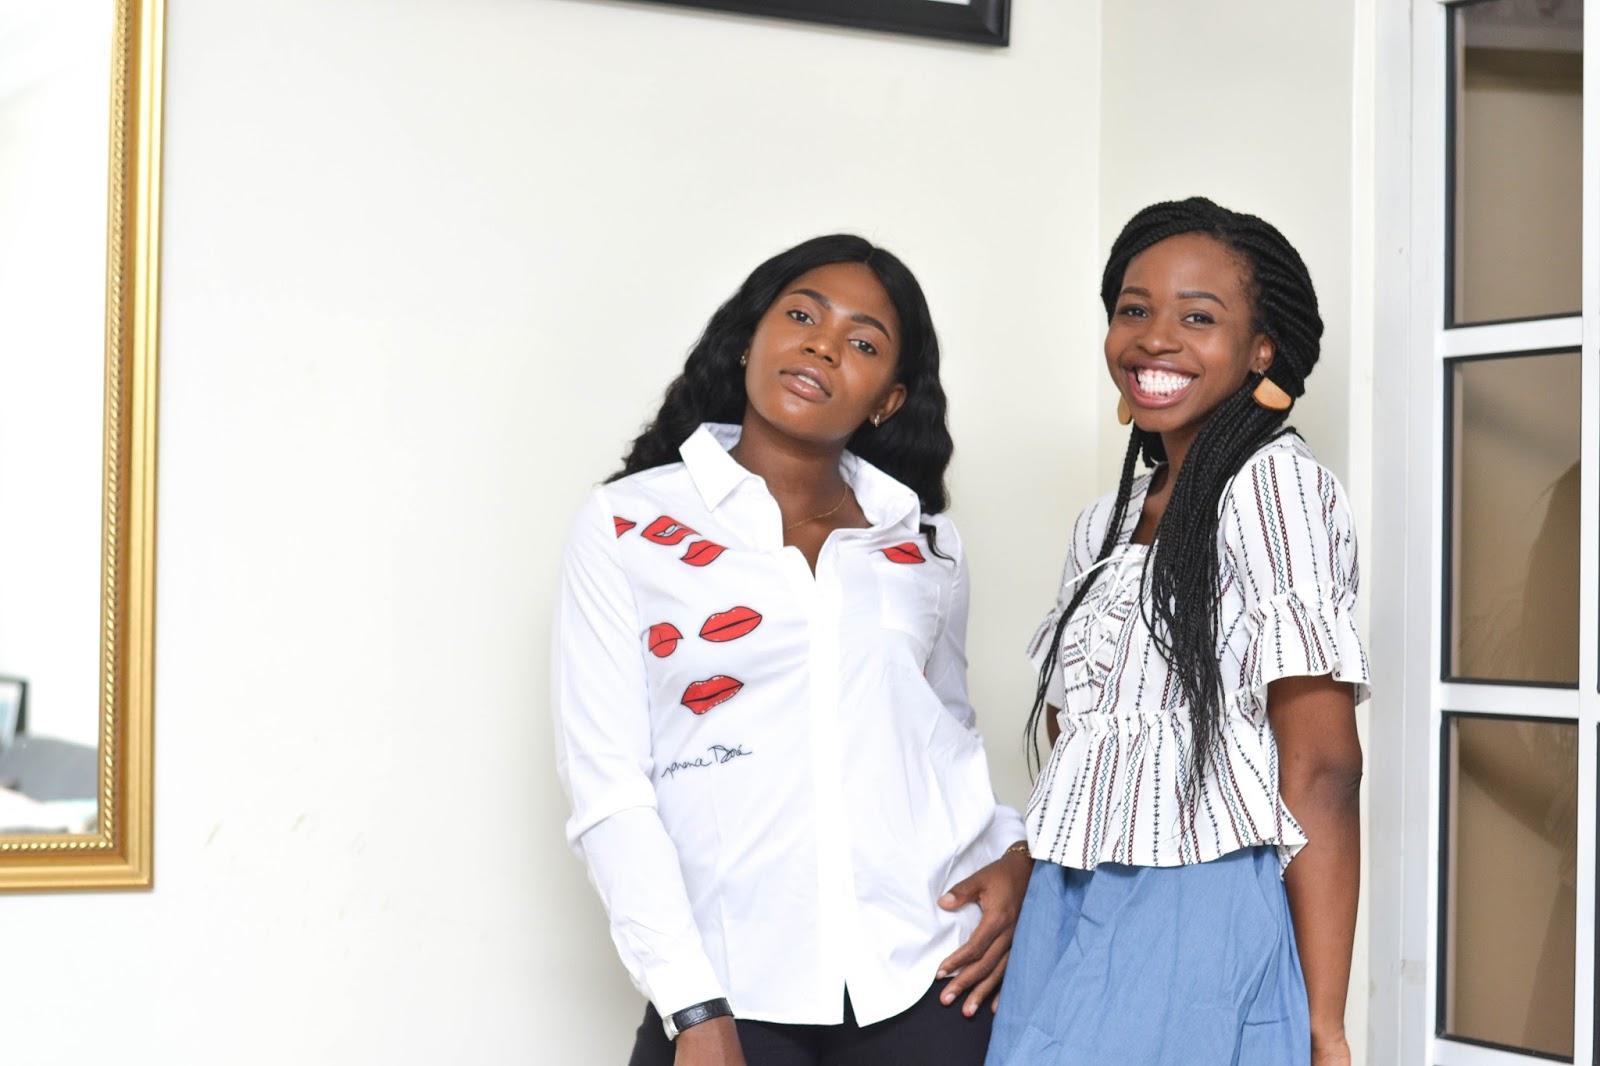 Romwe denim skirt and lip print shirt